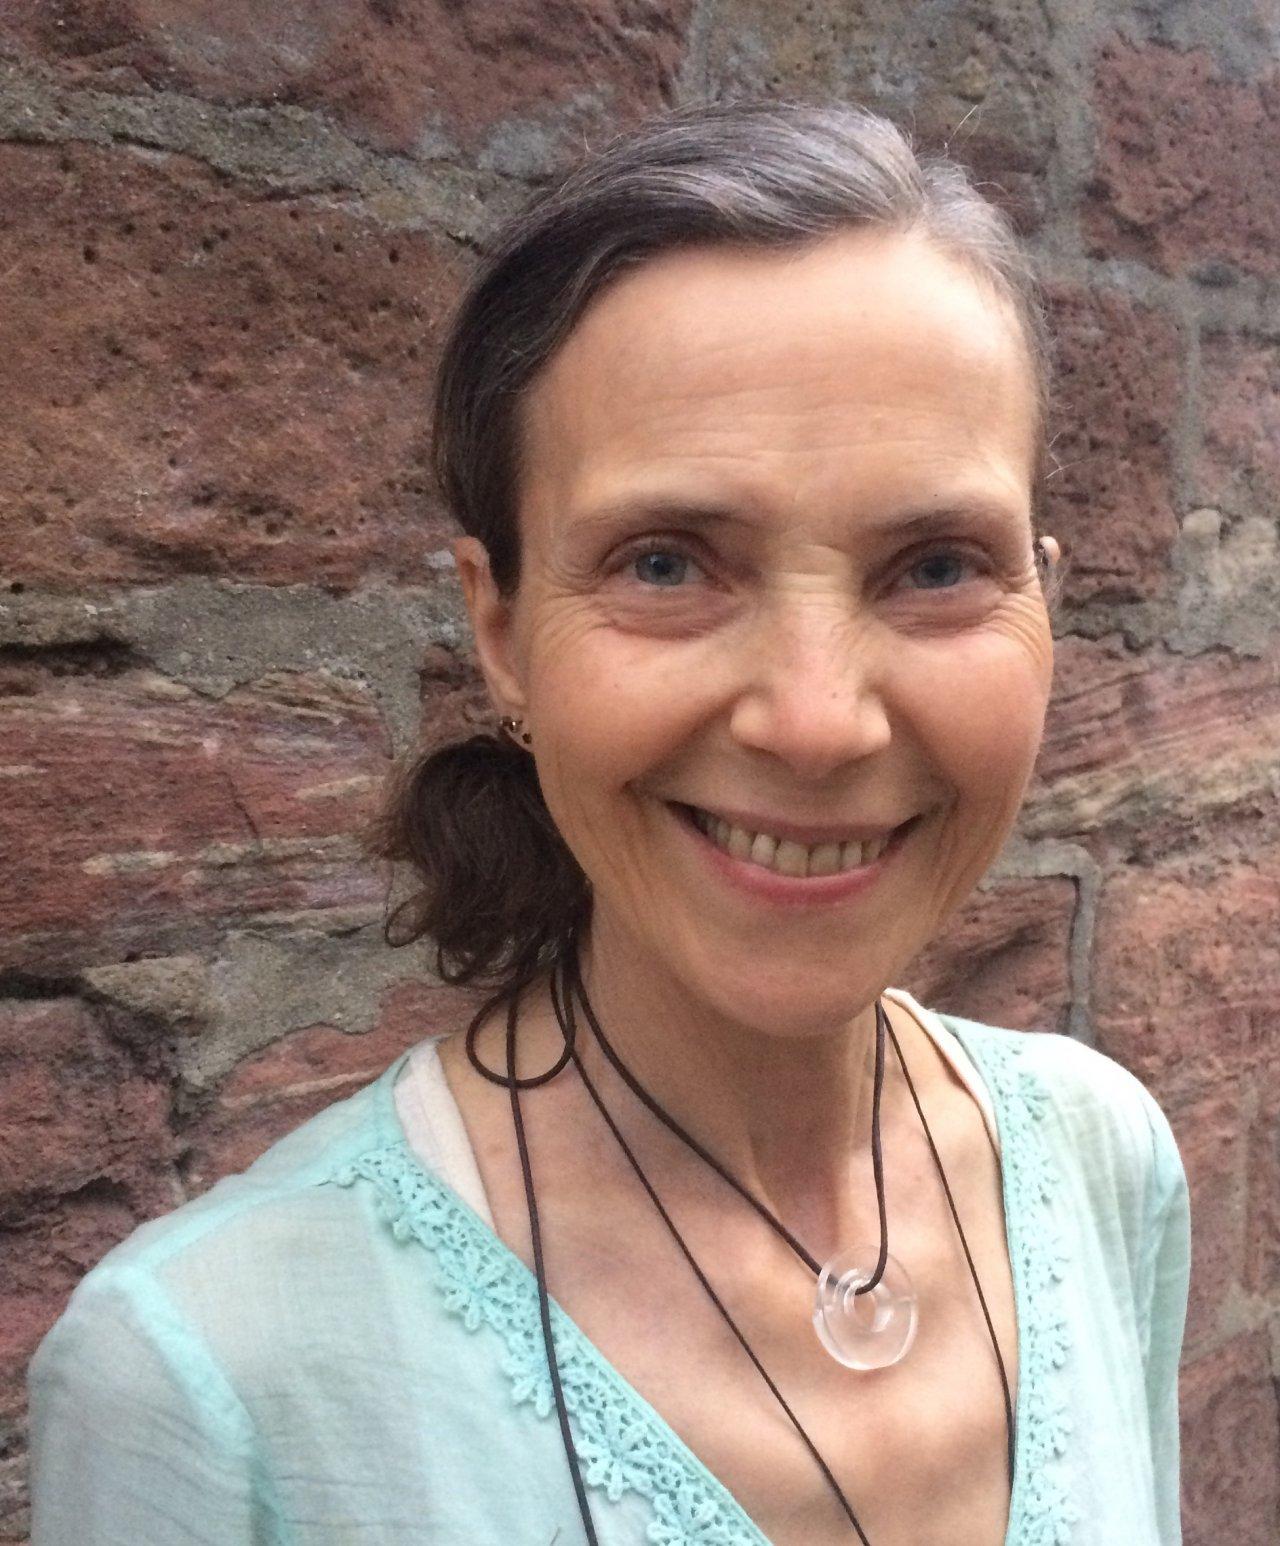 Auf dem Foto steht Petra lächelnd vor einer dunklen Steinwand. Sie hat ihren schwarz-grauen Haare als Zopf gebunden und lächelt in die Kamera. Auf dem Bild trägt sie eine schwarze Kette und ein türkisfarbenes T-Shirt.